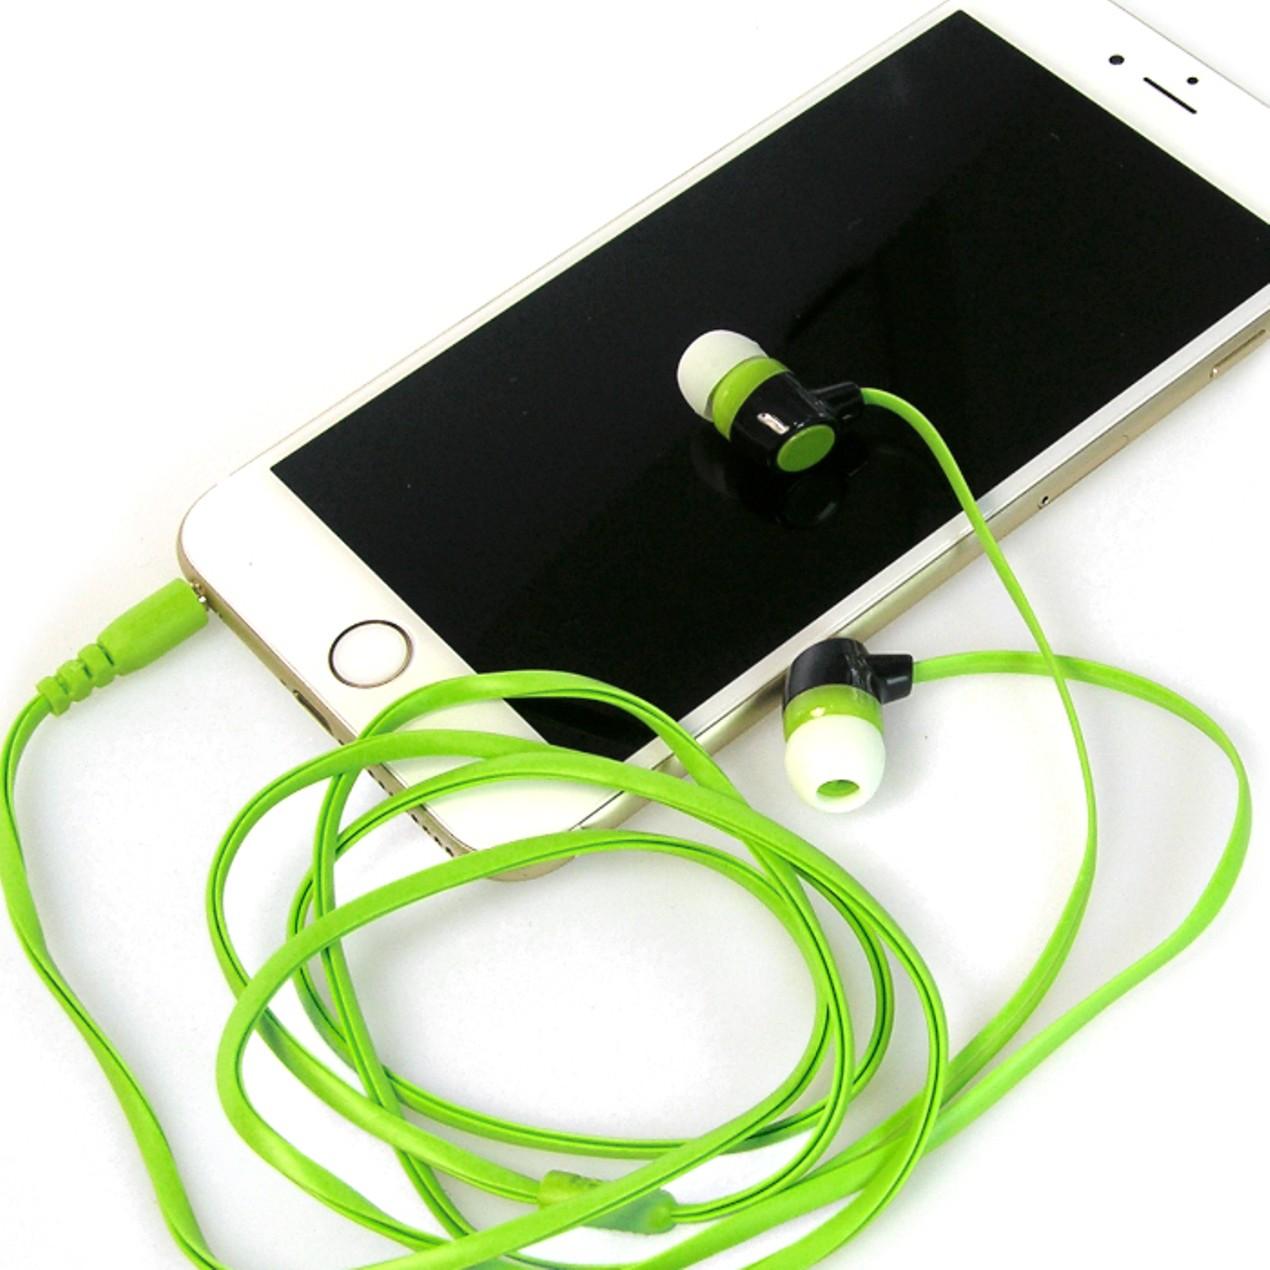 223e6935010 10-Pack: Earbud Headphones - Assorted Colors - Tanga